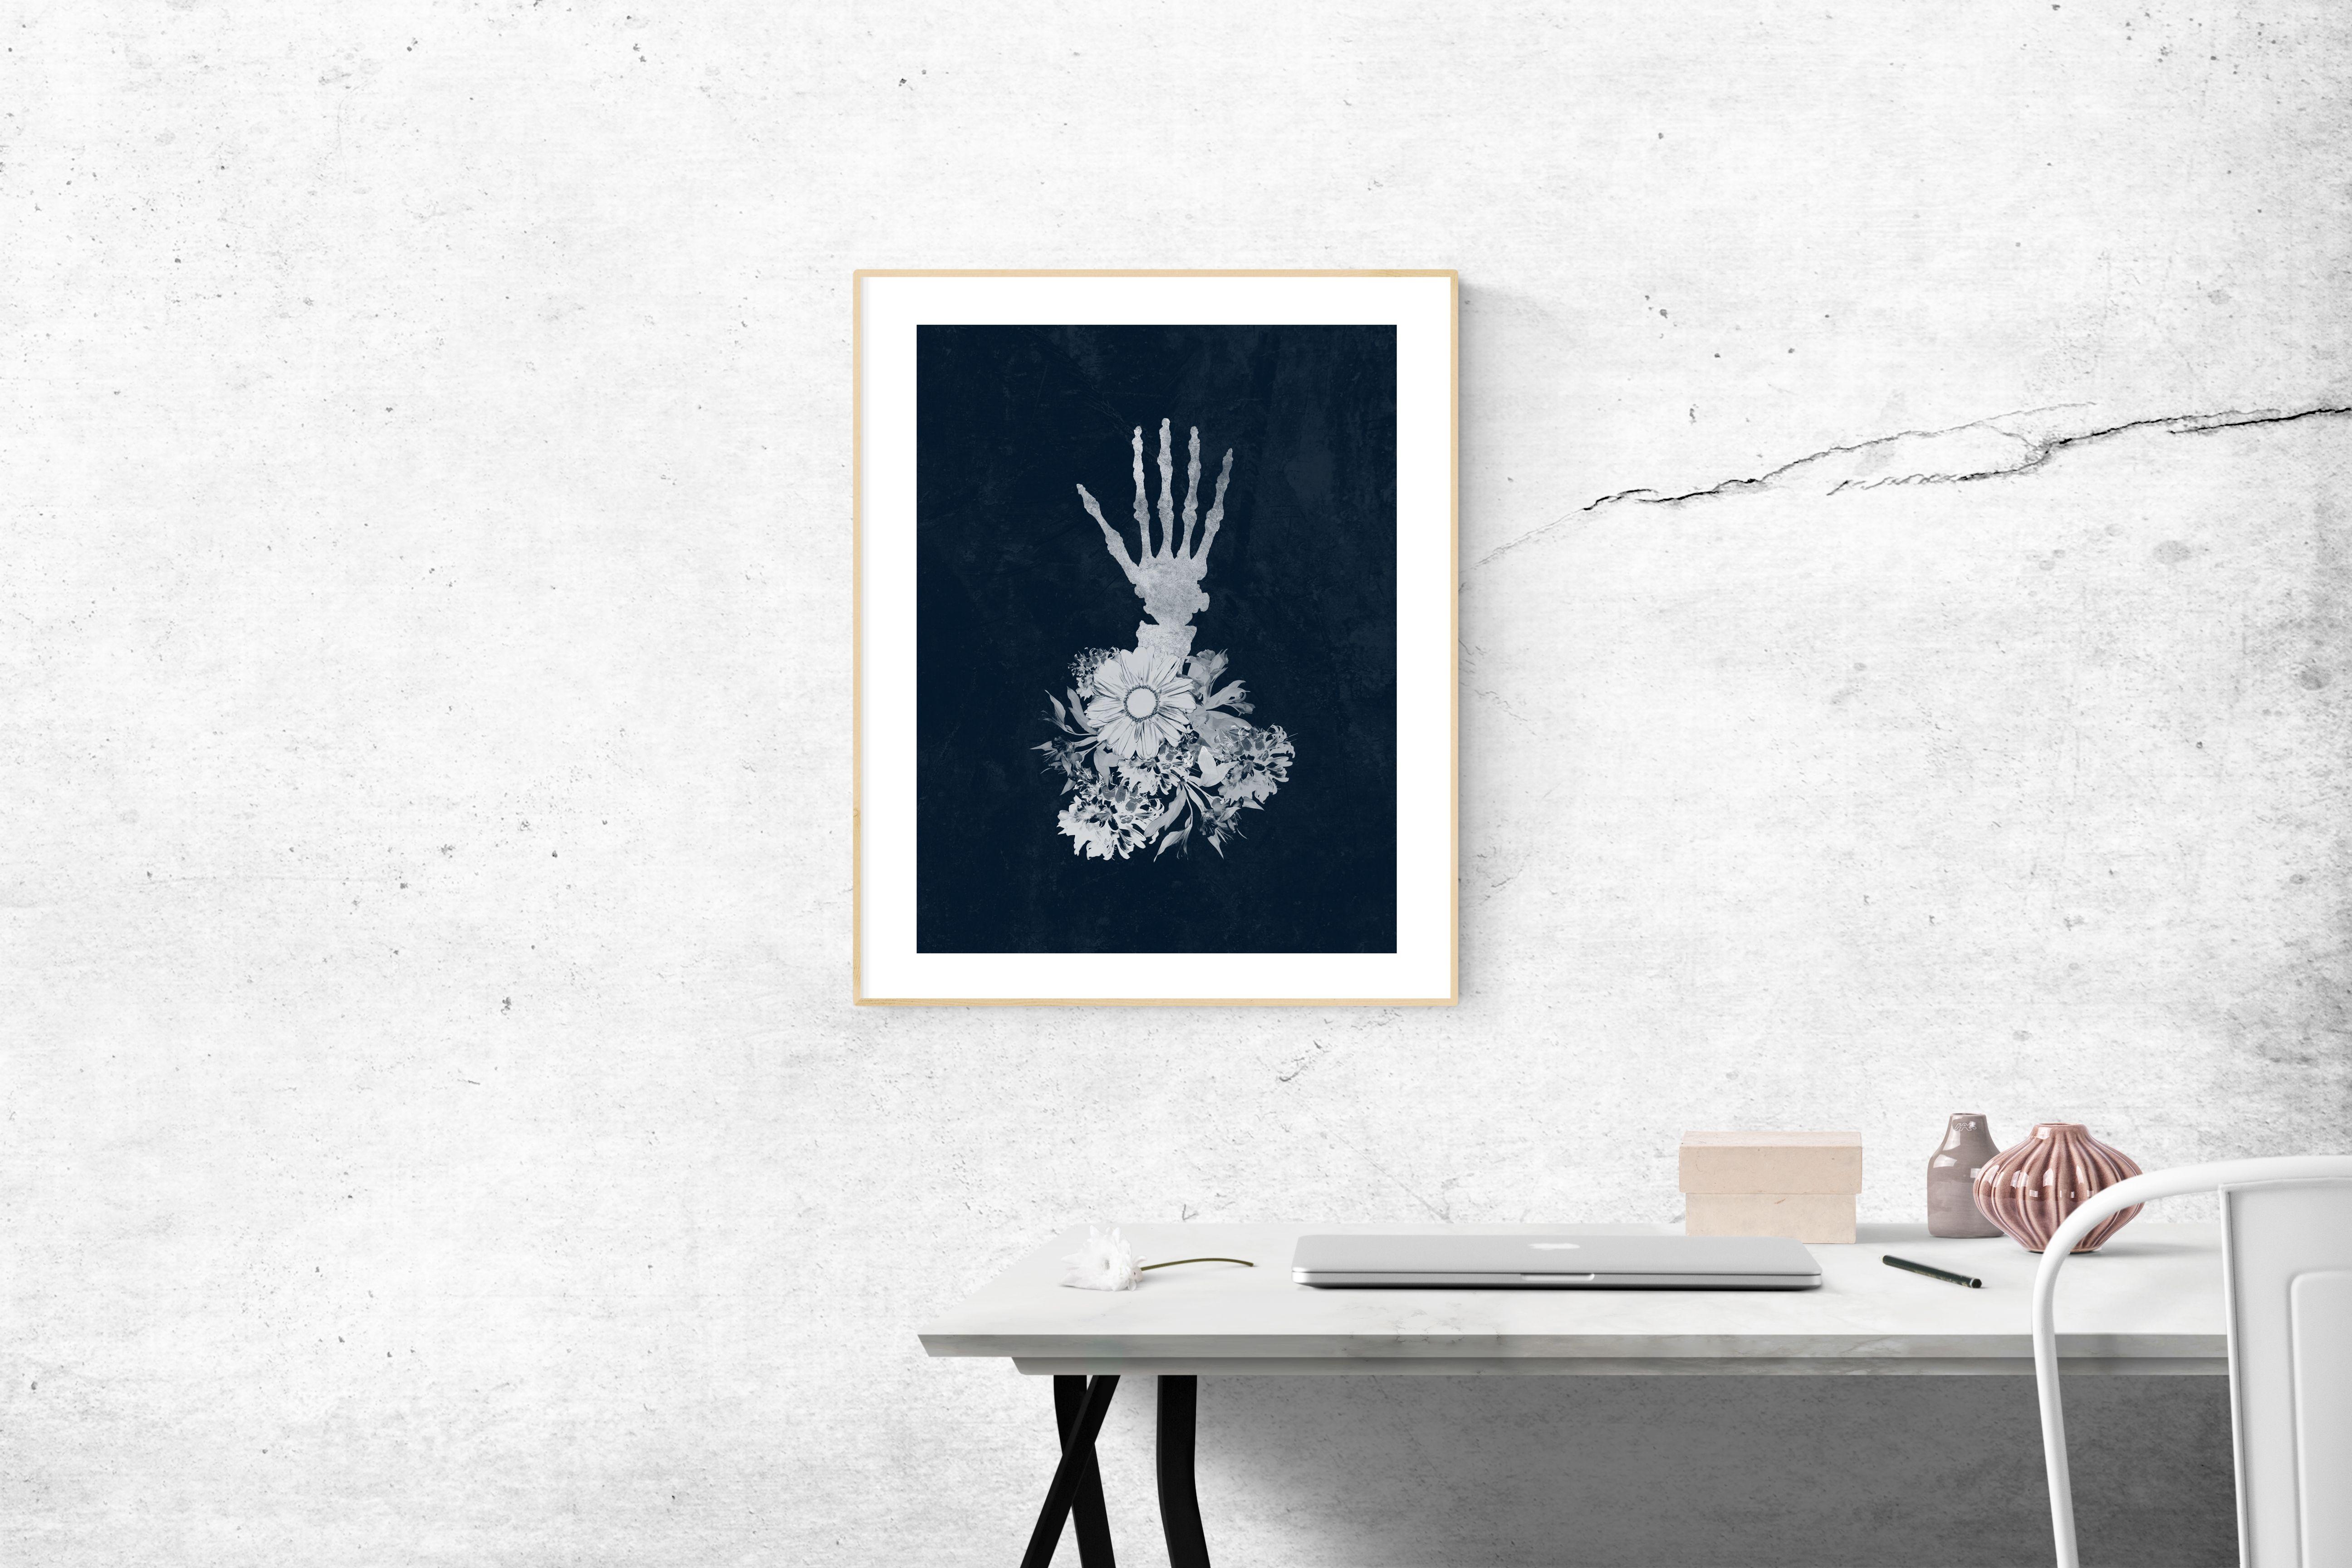 Flower Skeleton Hand Digital Art Print 11 x 14 Buy 2 Art